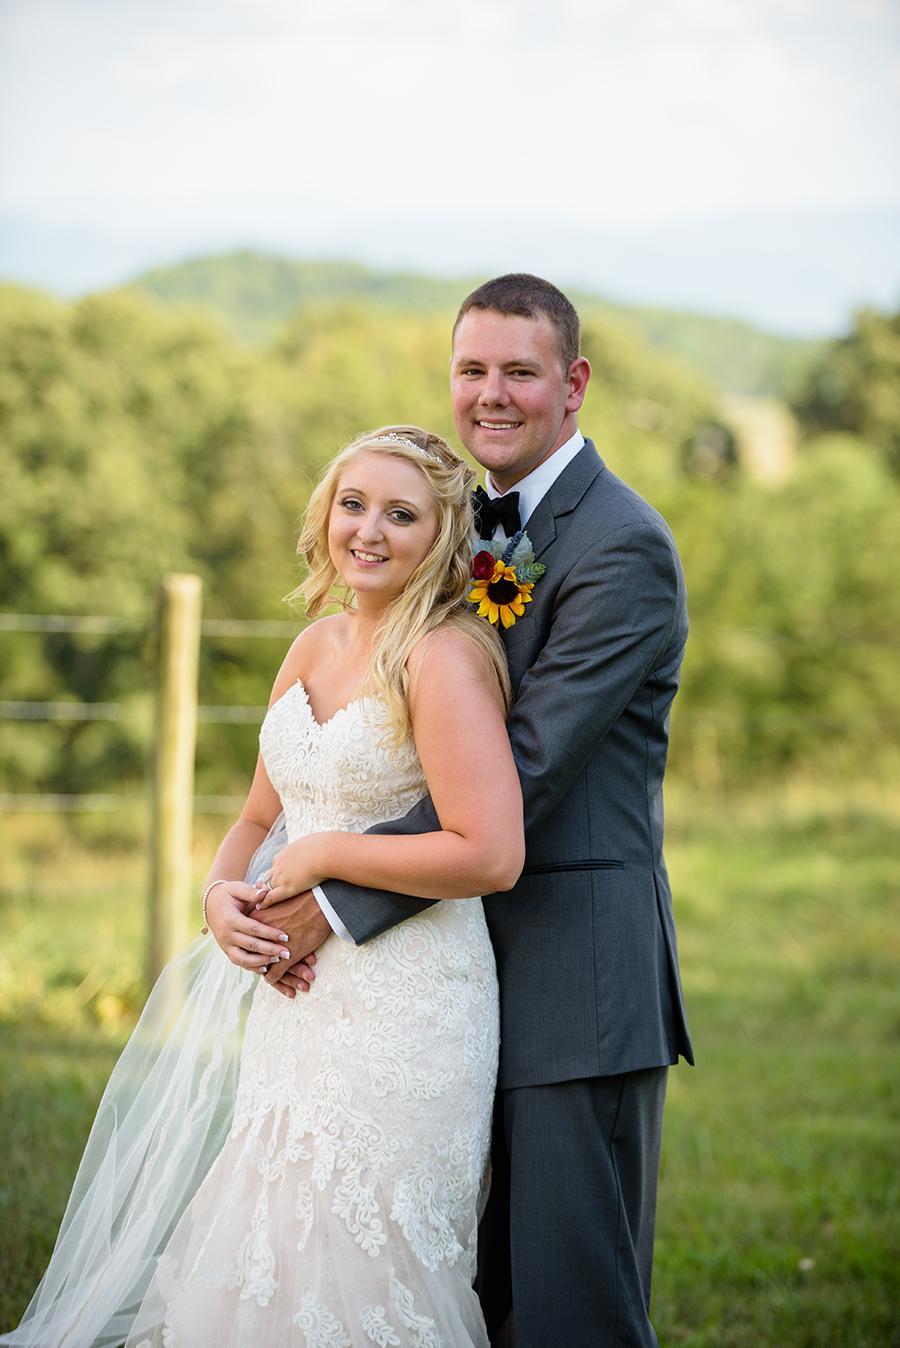 asheville-wedding-photographer-23.jpg